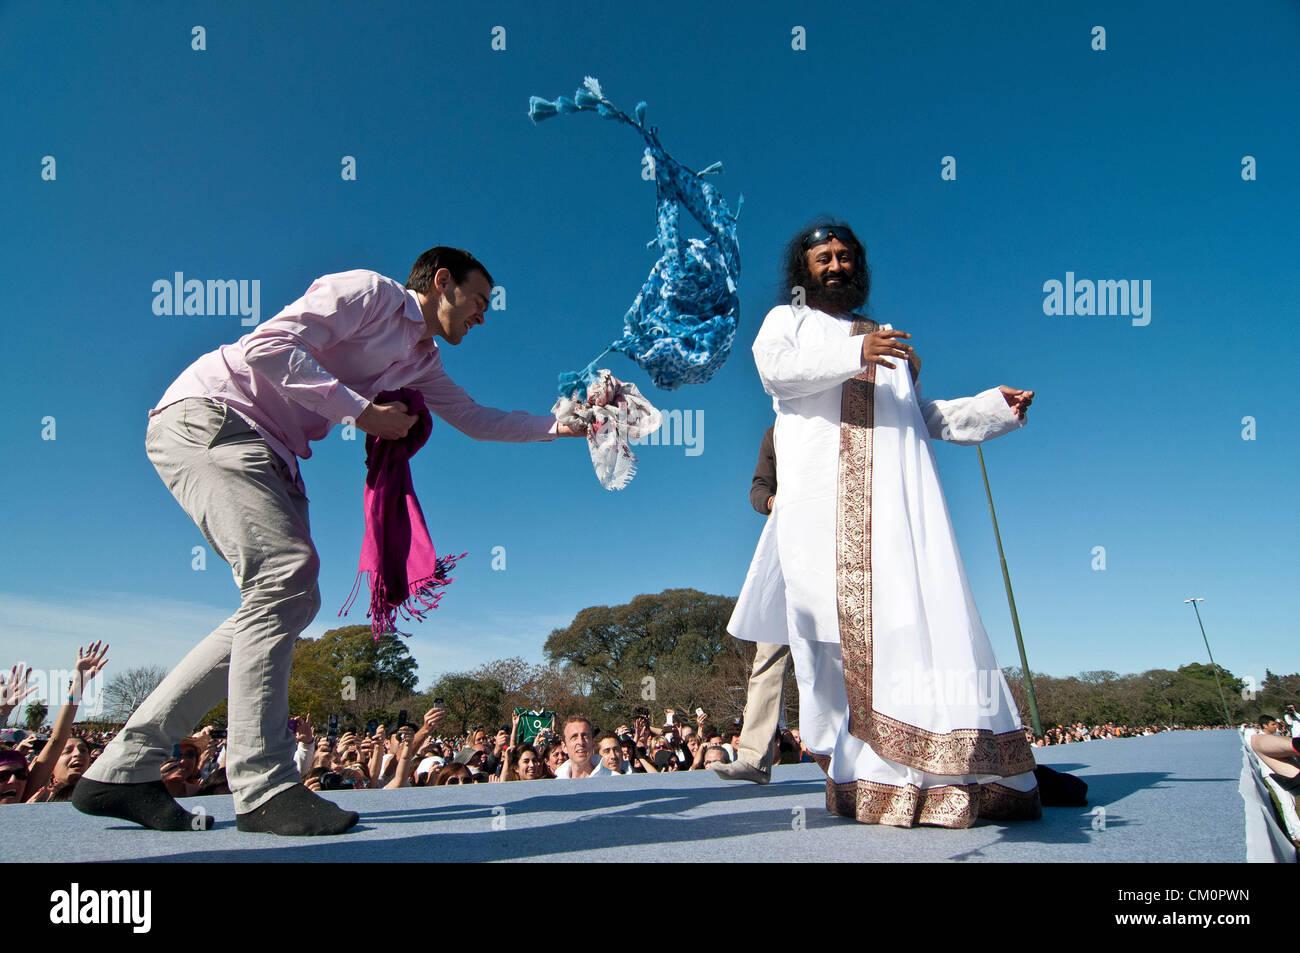 Sett. 9, 2012 - Buenos Aires, Argentina - guru indiano Sri Sri Ravi Shankar, leader della ONG l'arte di vivere, Immagini Stock